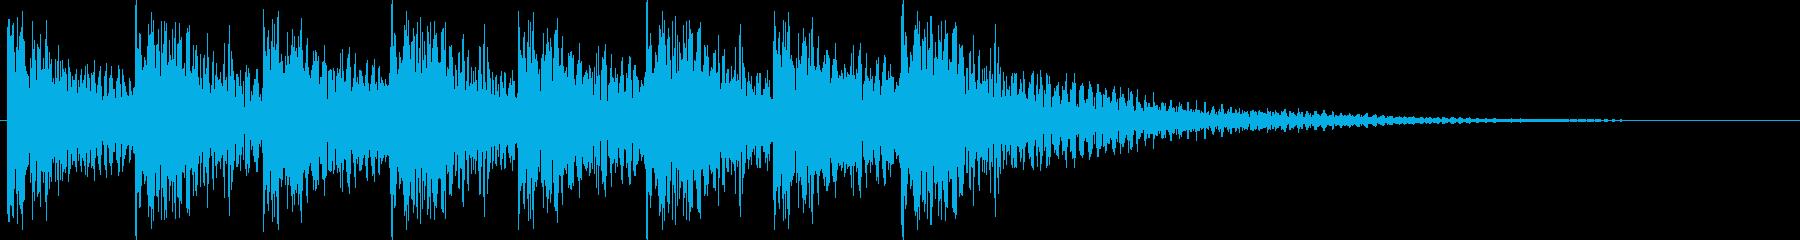 ダンドンダンドン・・・(ティンパニ)の再生済みの波形